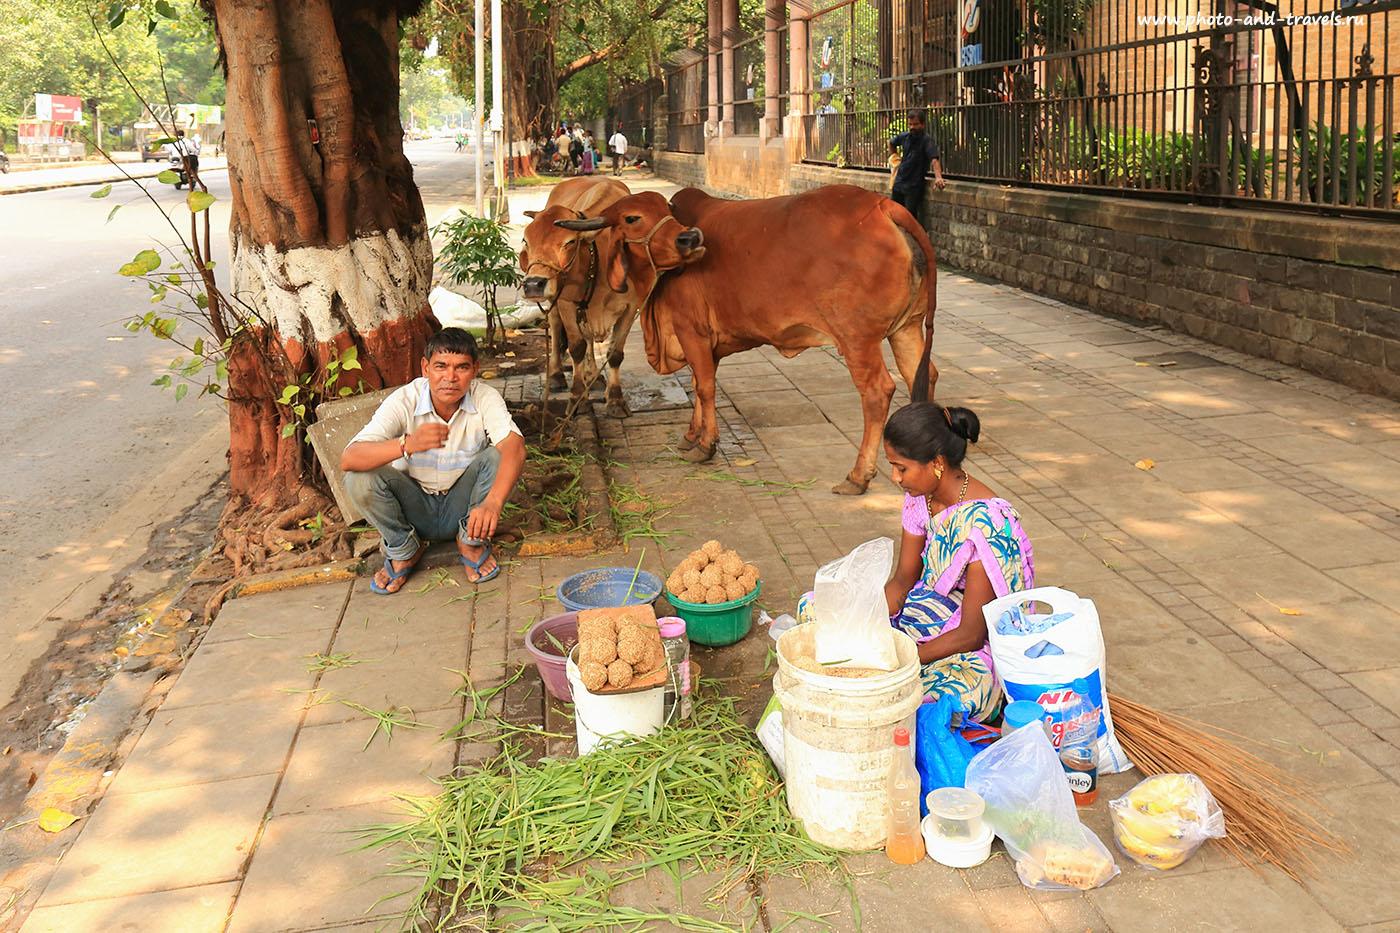 Фотография №10. Люди на тротуарах Мумбаи. Отзыв о поездке в Индию дикарем. (24-70,1/125, 0eV, f9, 24 mm, ISO 640)